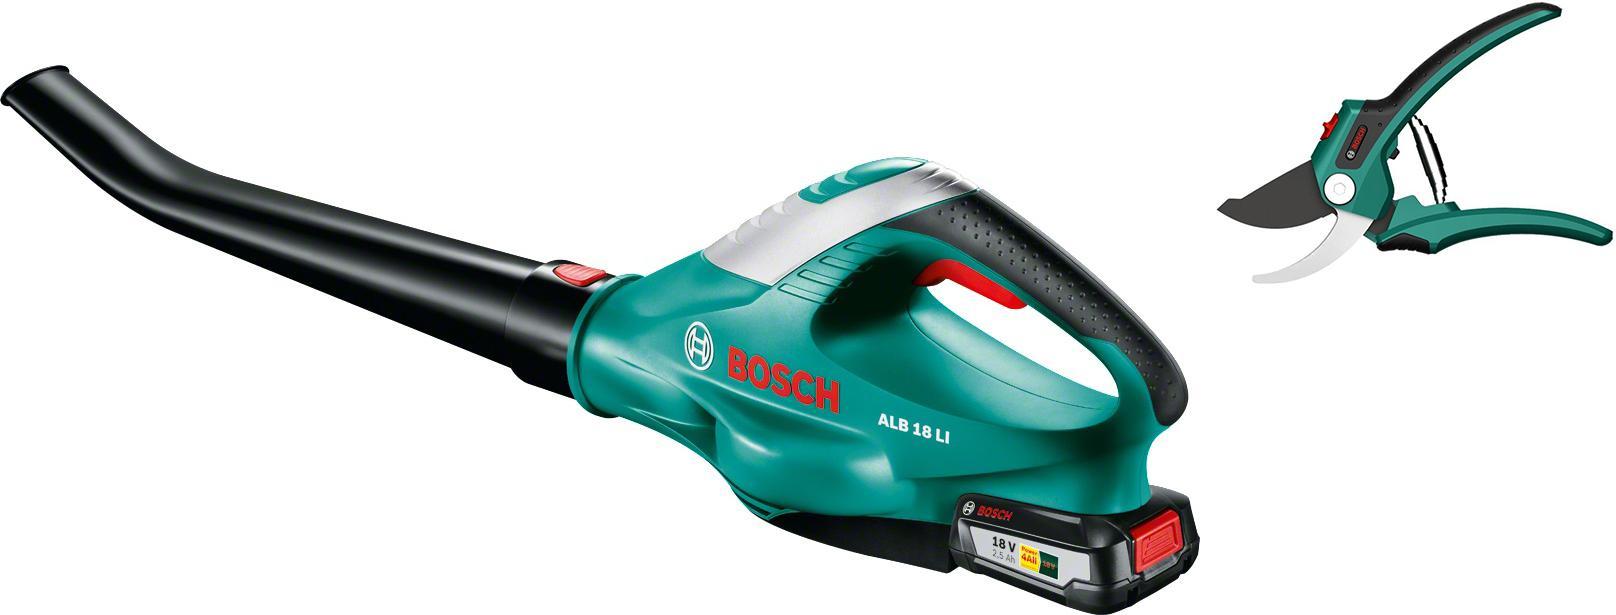 Набор Bosch Воздуходувка alb 18 li (0.600.8a0.501) +Секатор 06008b5000 цена и фото